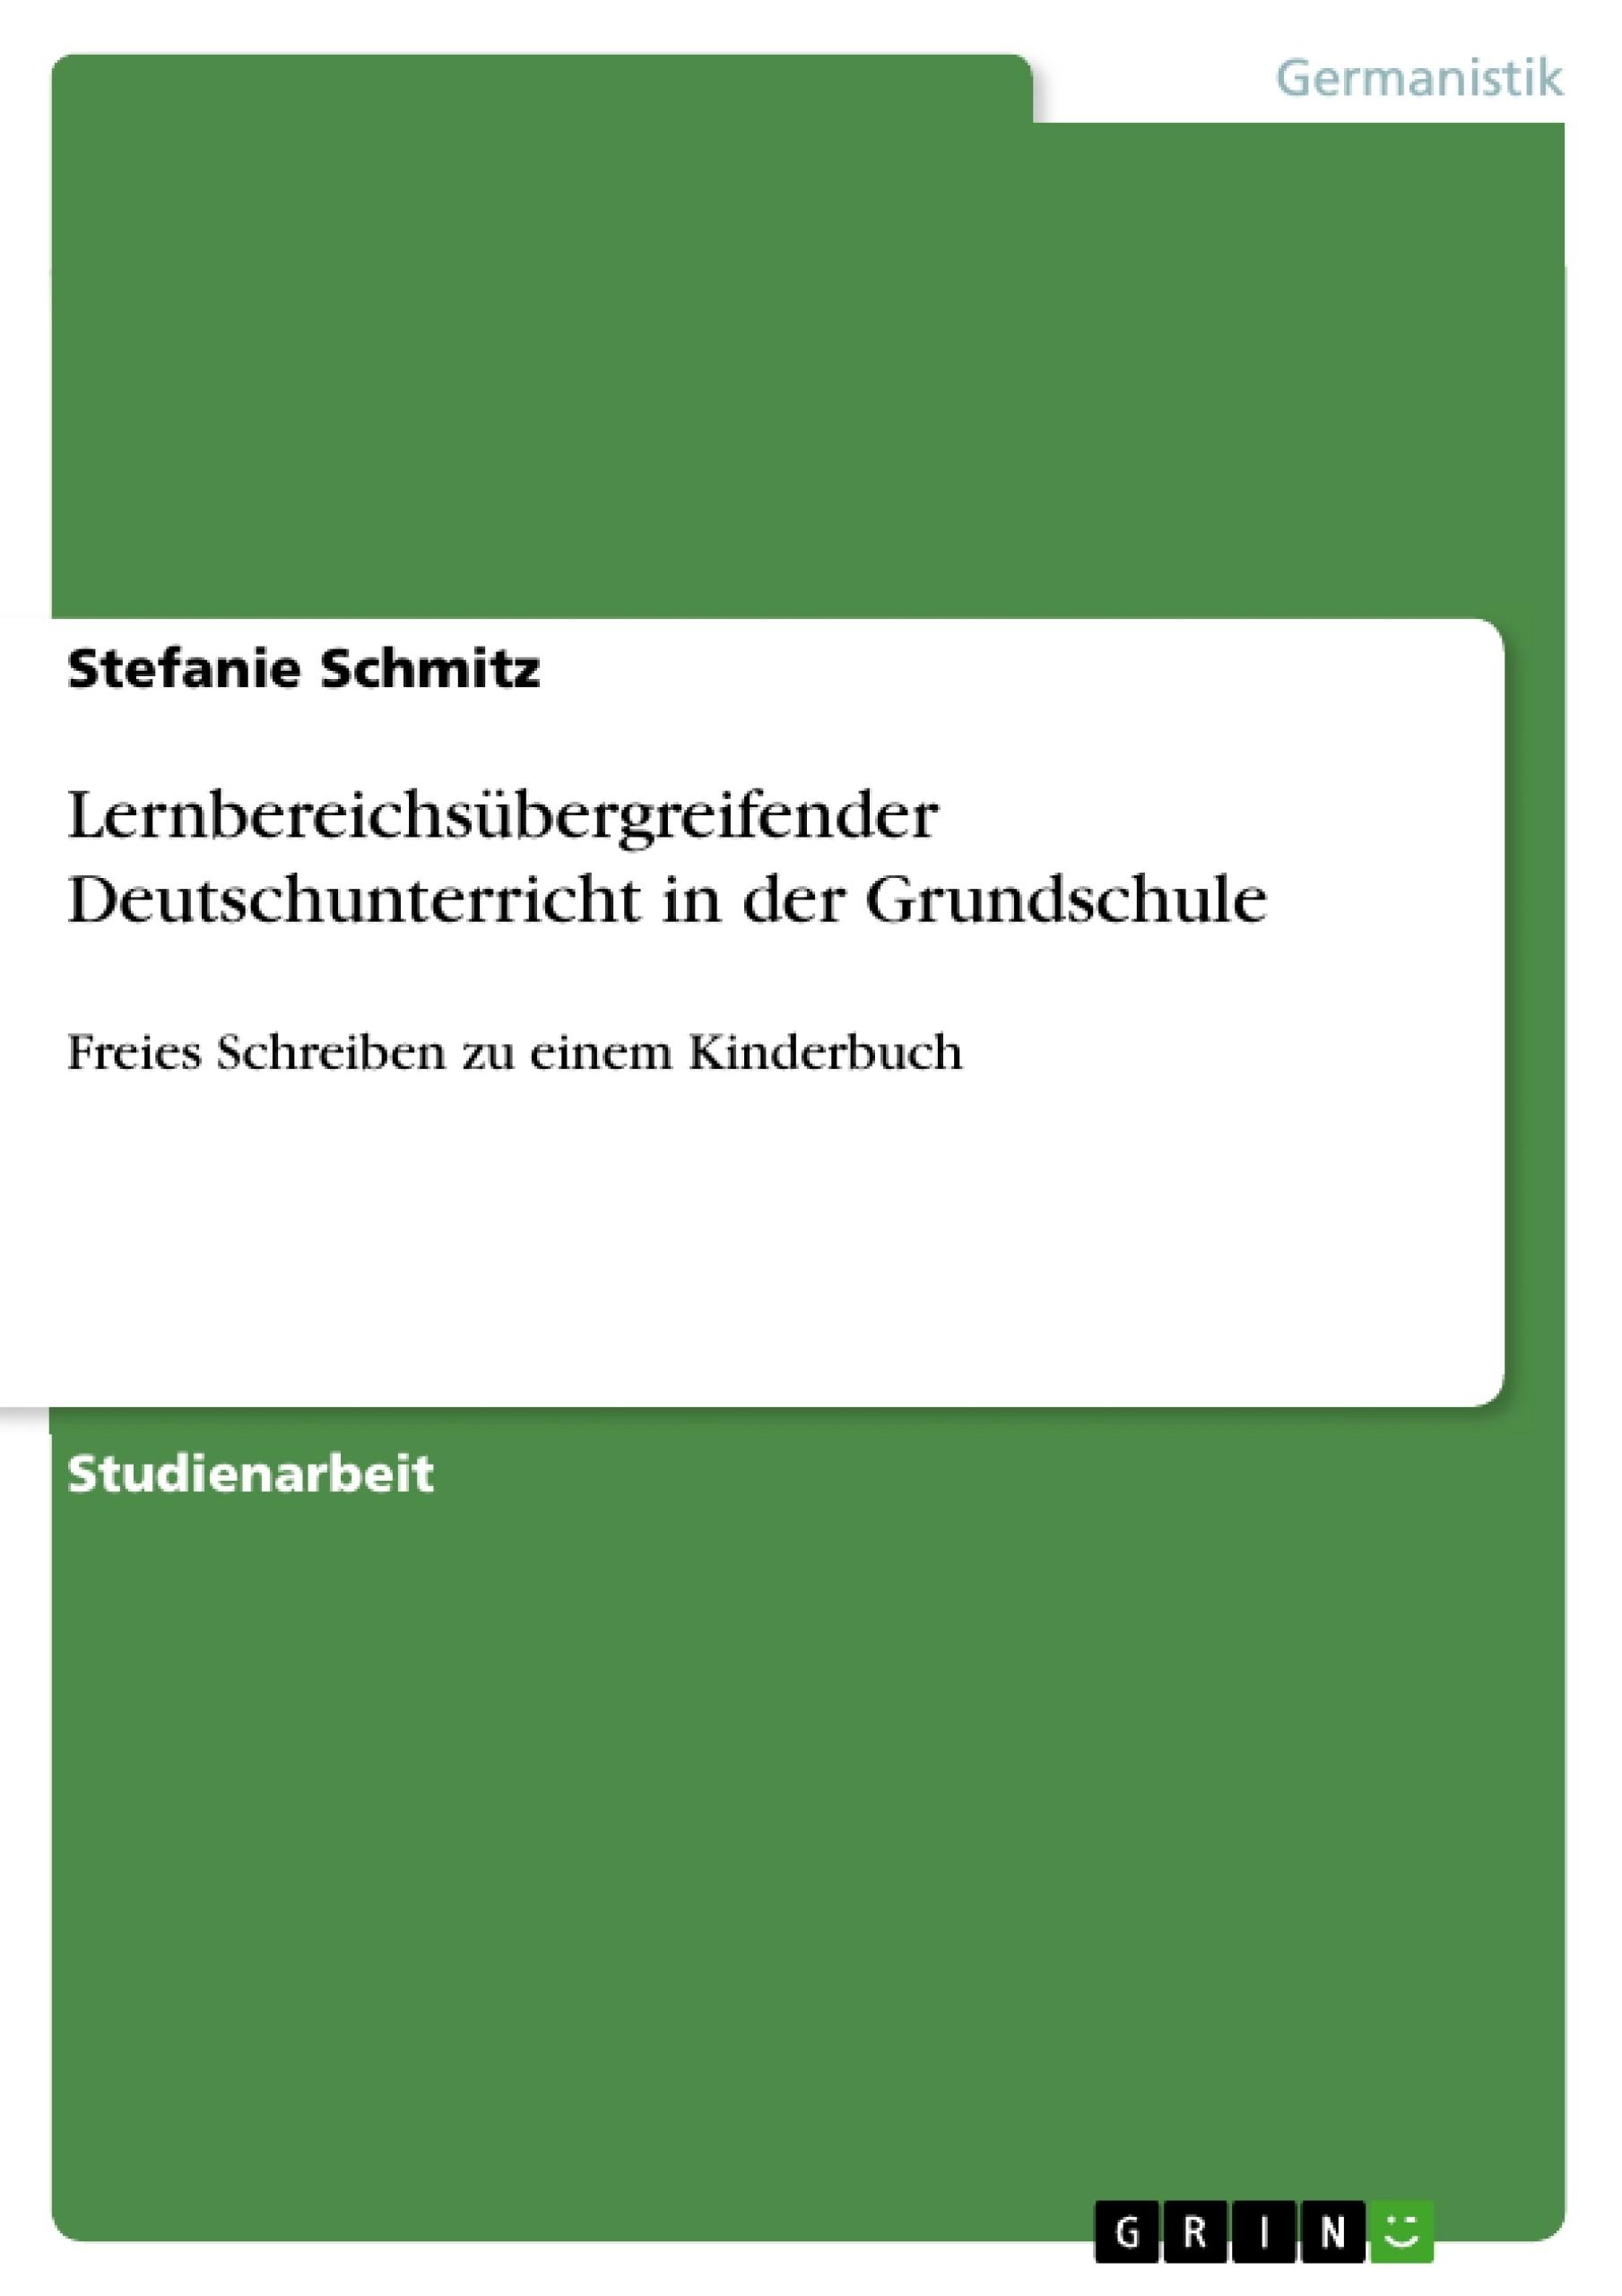 Titel: Lernbereichsübergreifender Deutschunterricht in der Grundschule